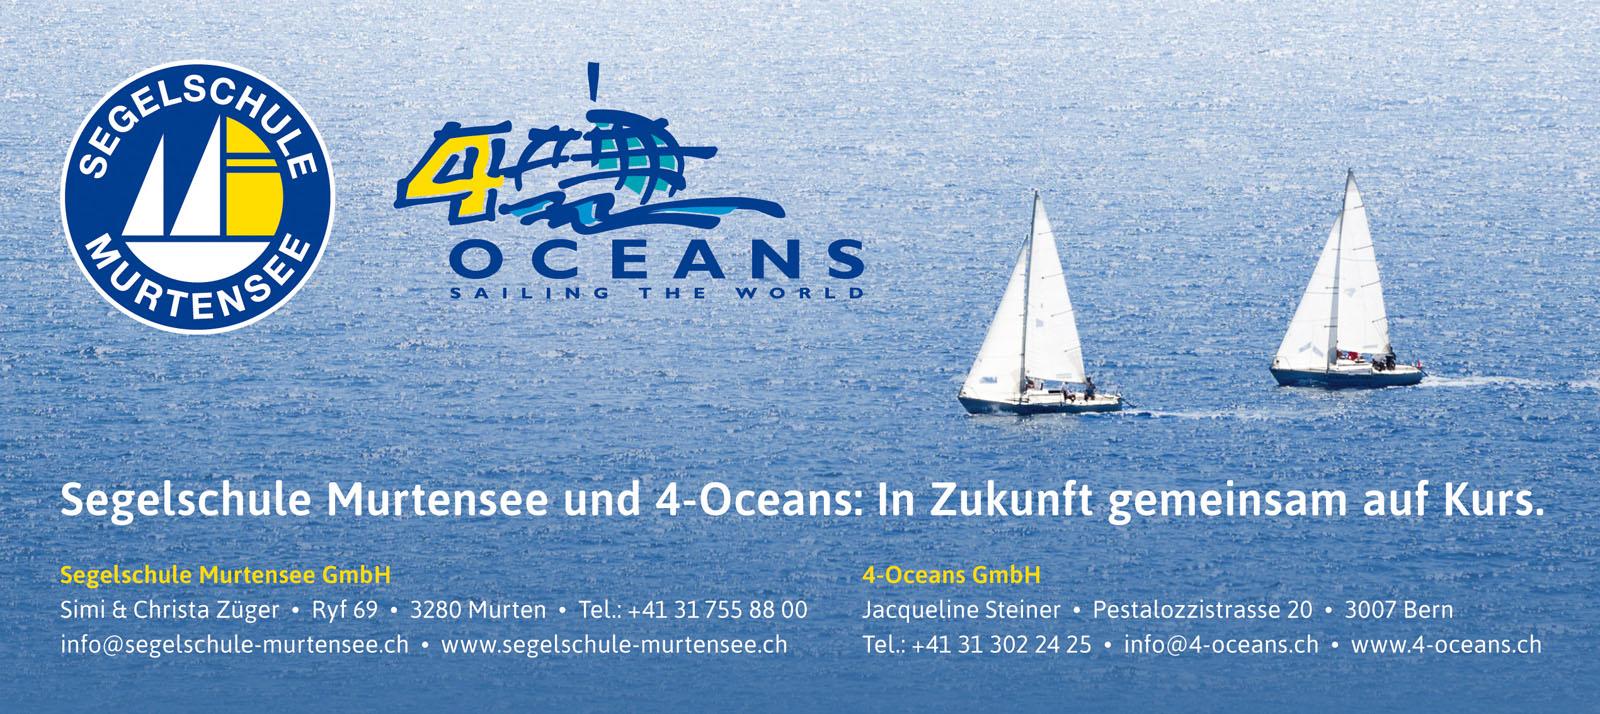 Segelschule Murtensee – SMS & 4-Oceans gemeinsam auf Kurs